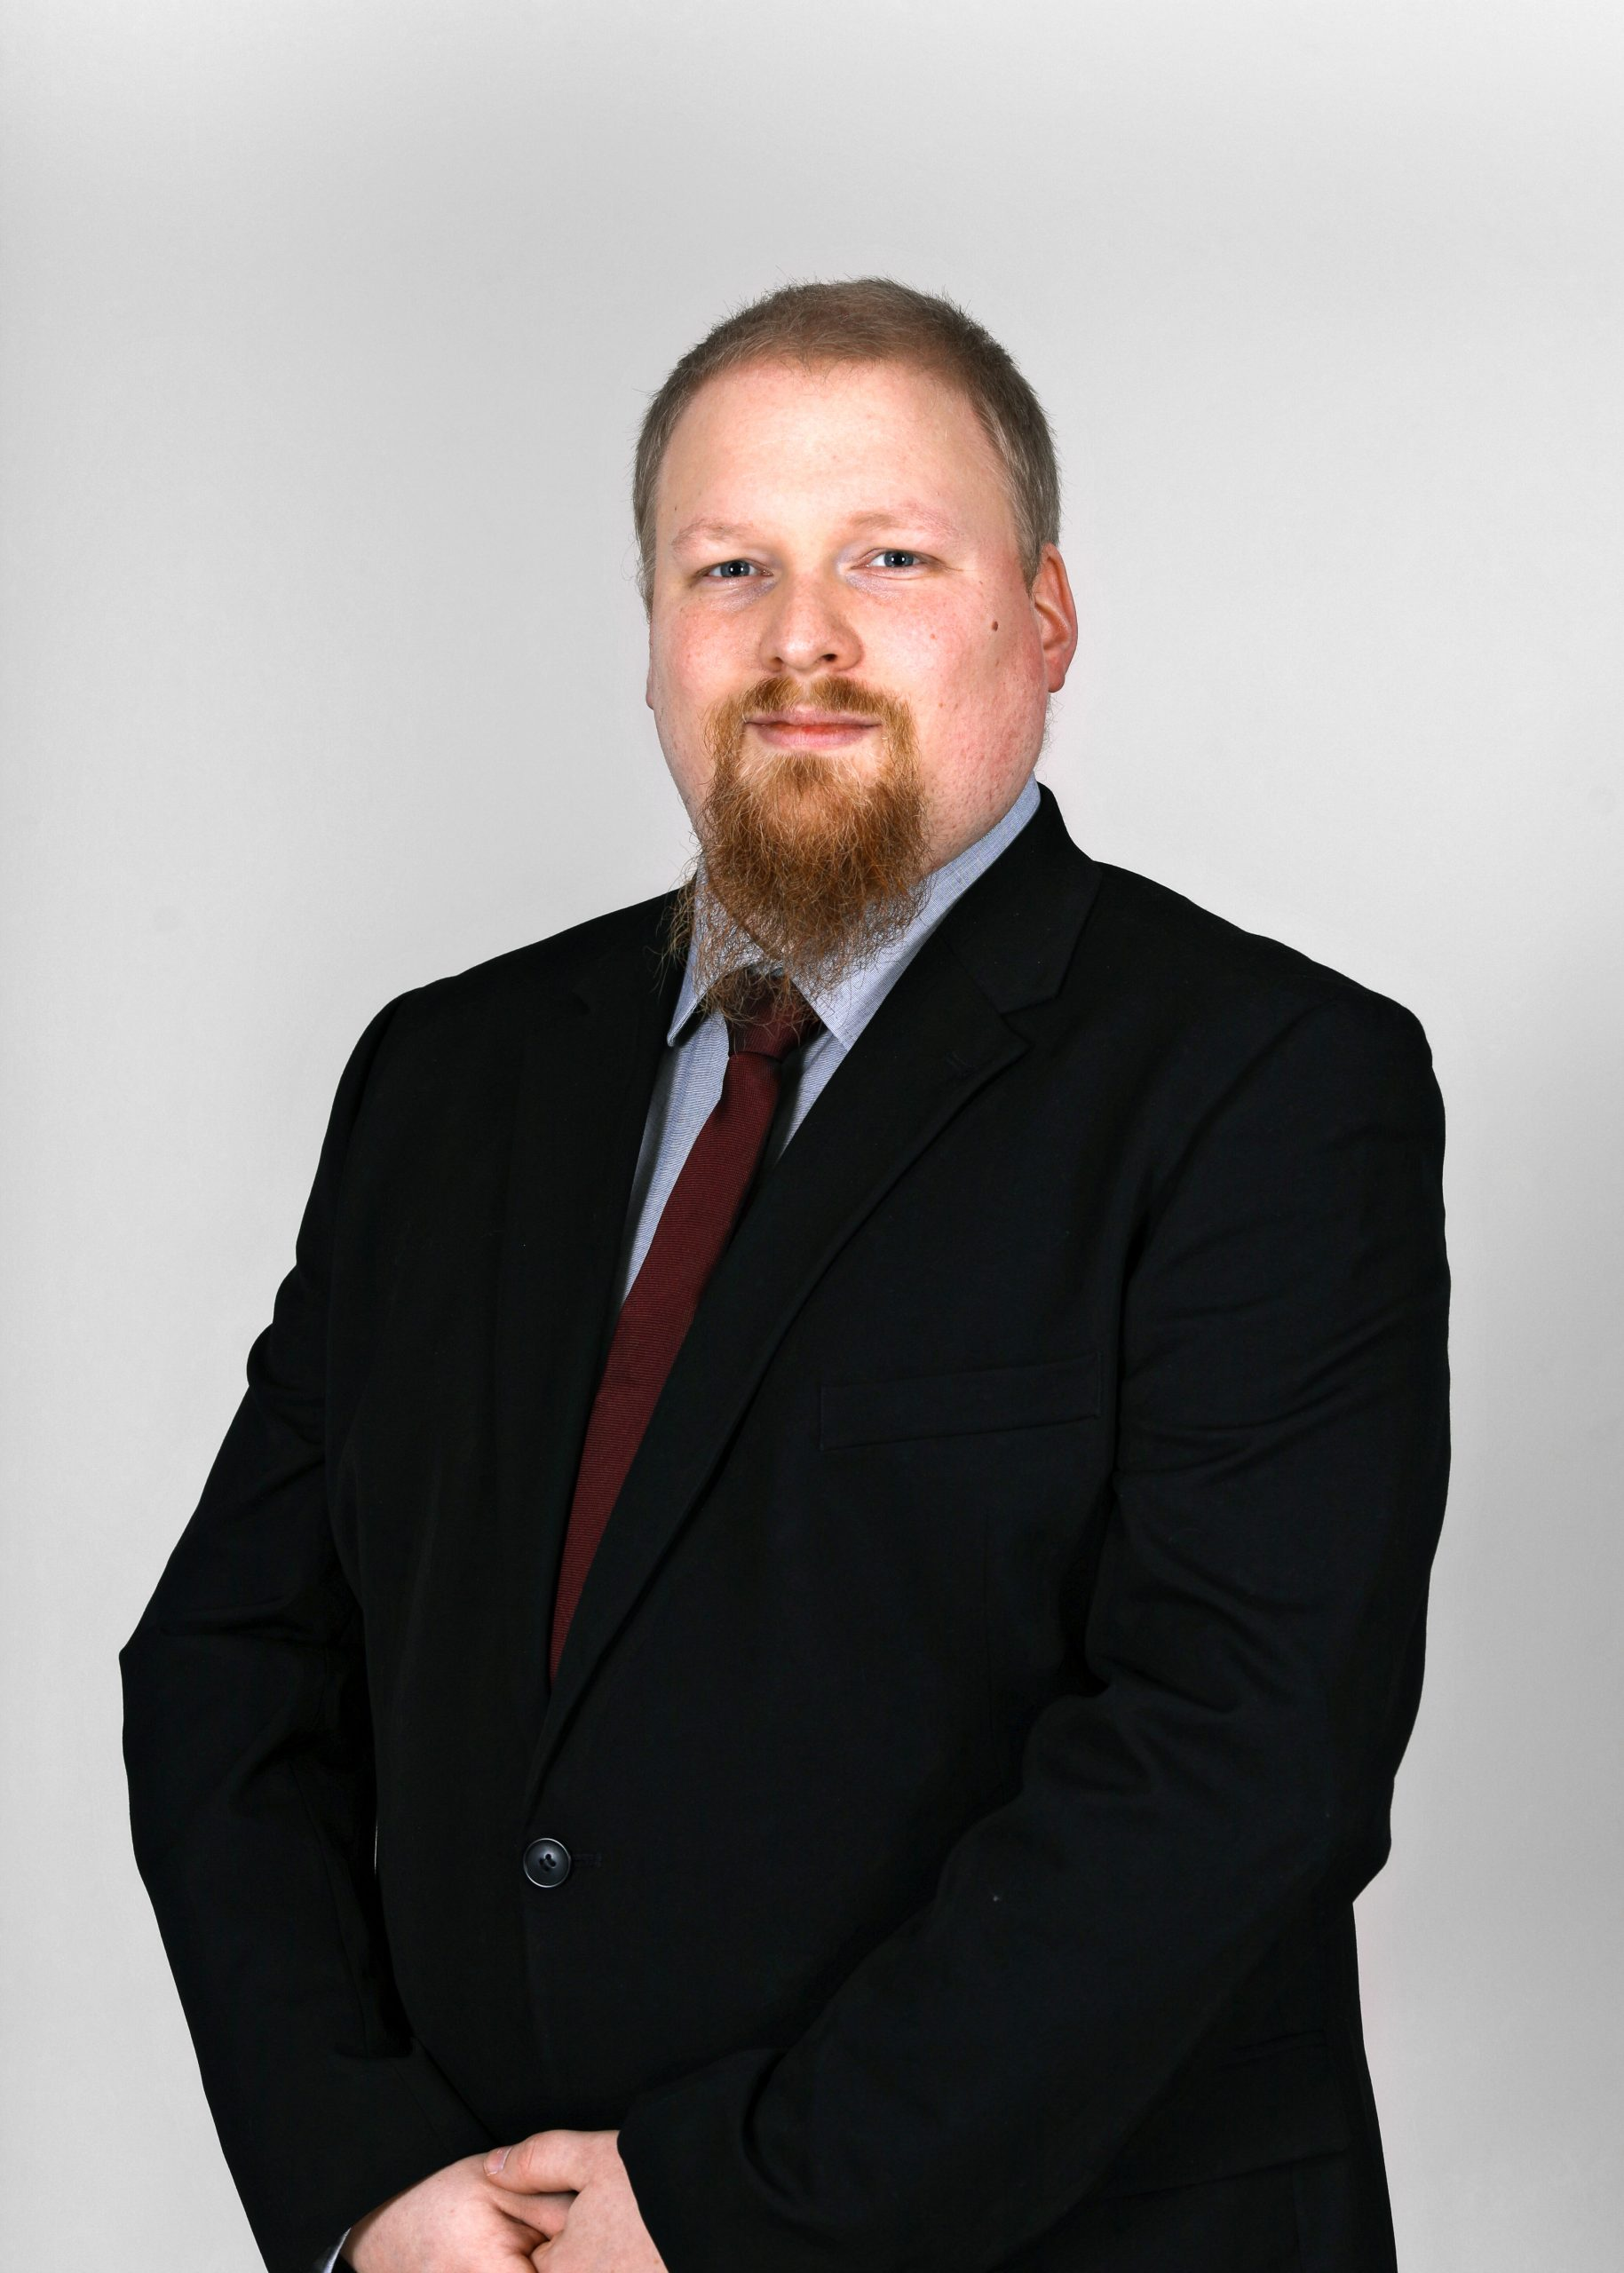 Kim-Steven Klus